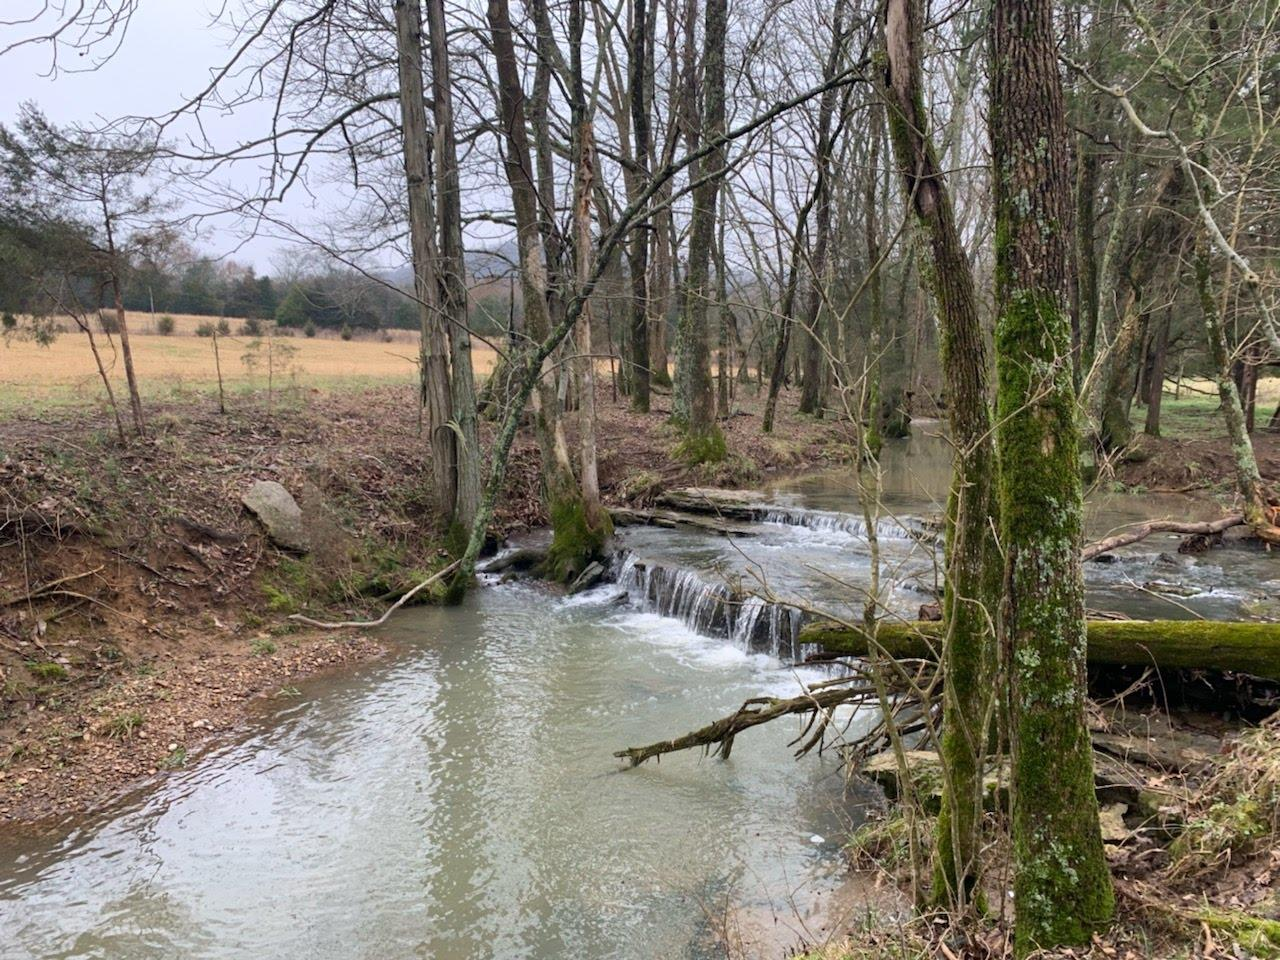 0 William Lane, Readyville, TN 37149 - Readyville, TN real estate listing